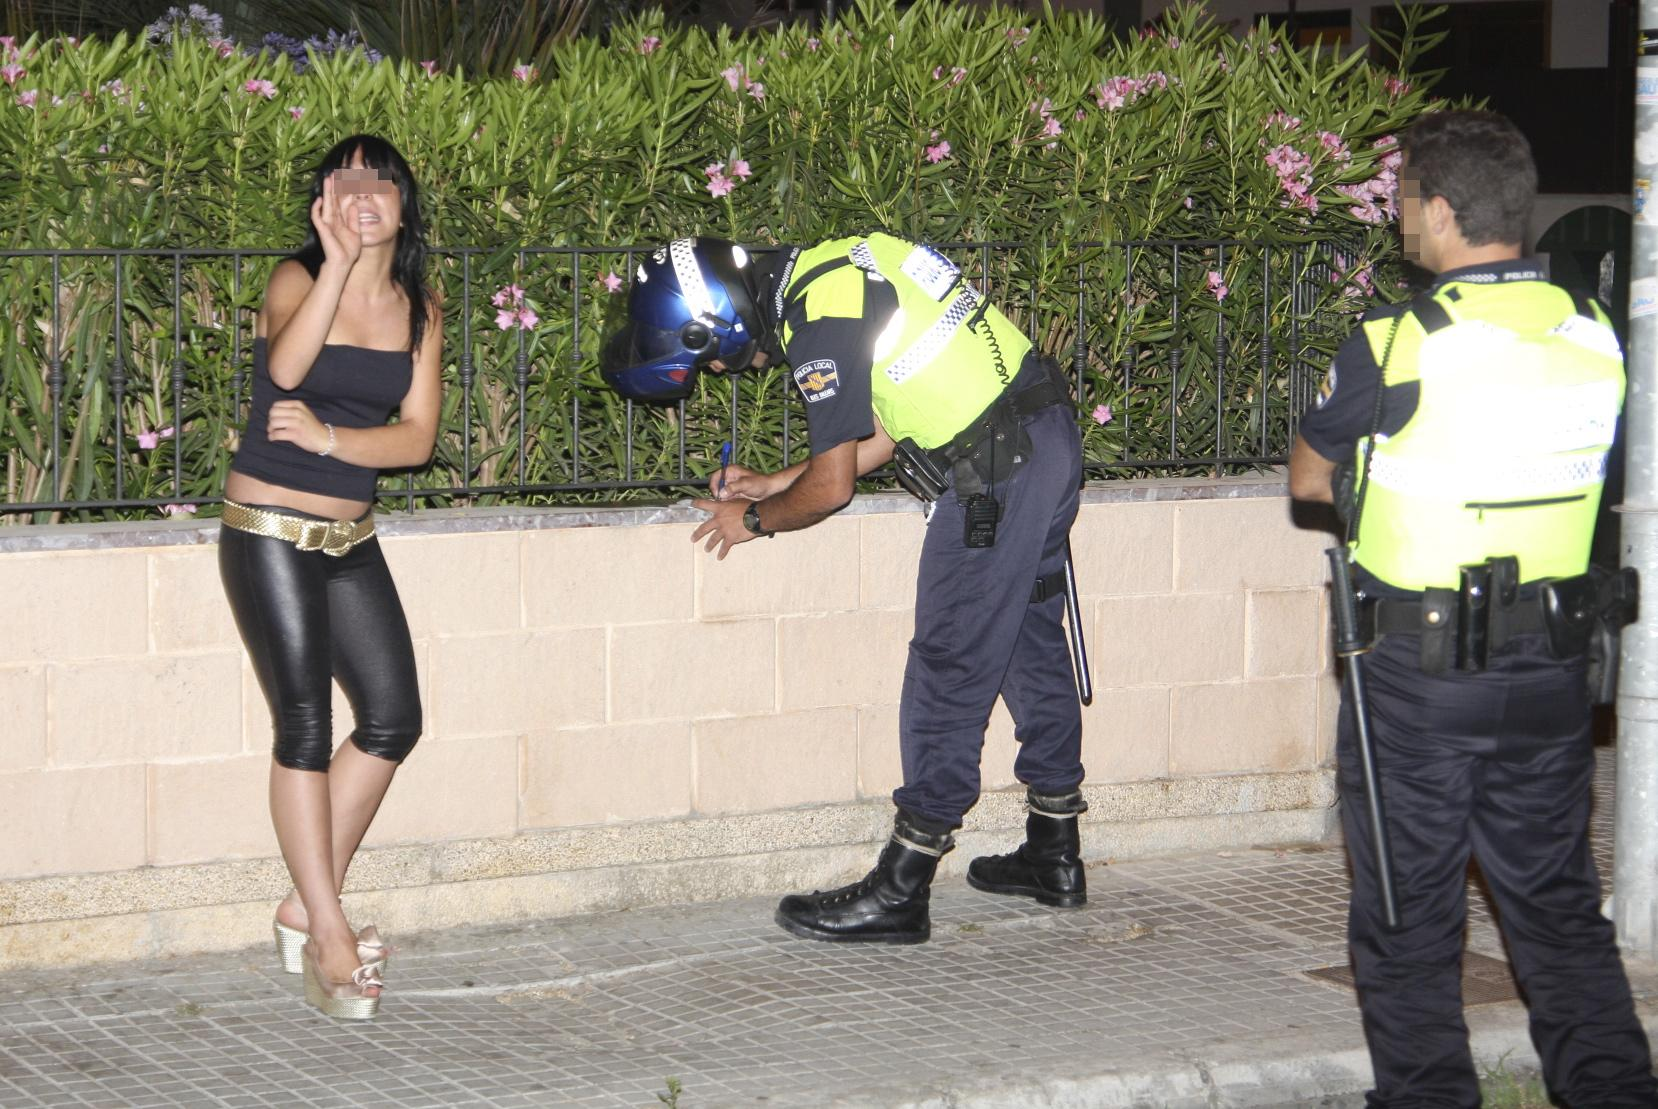 prostitucion callejera politico prostitutas